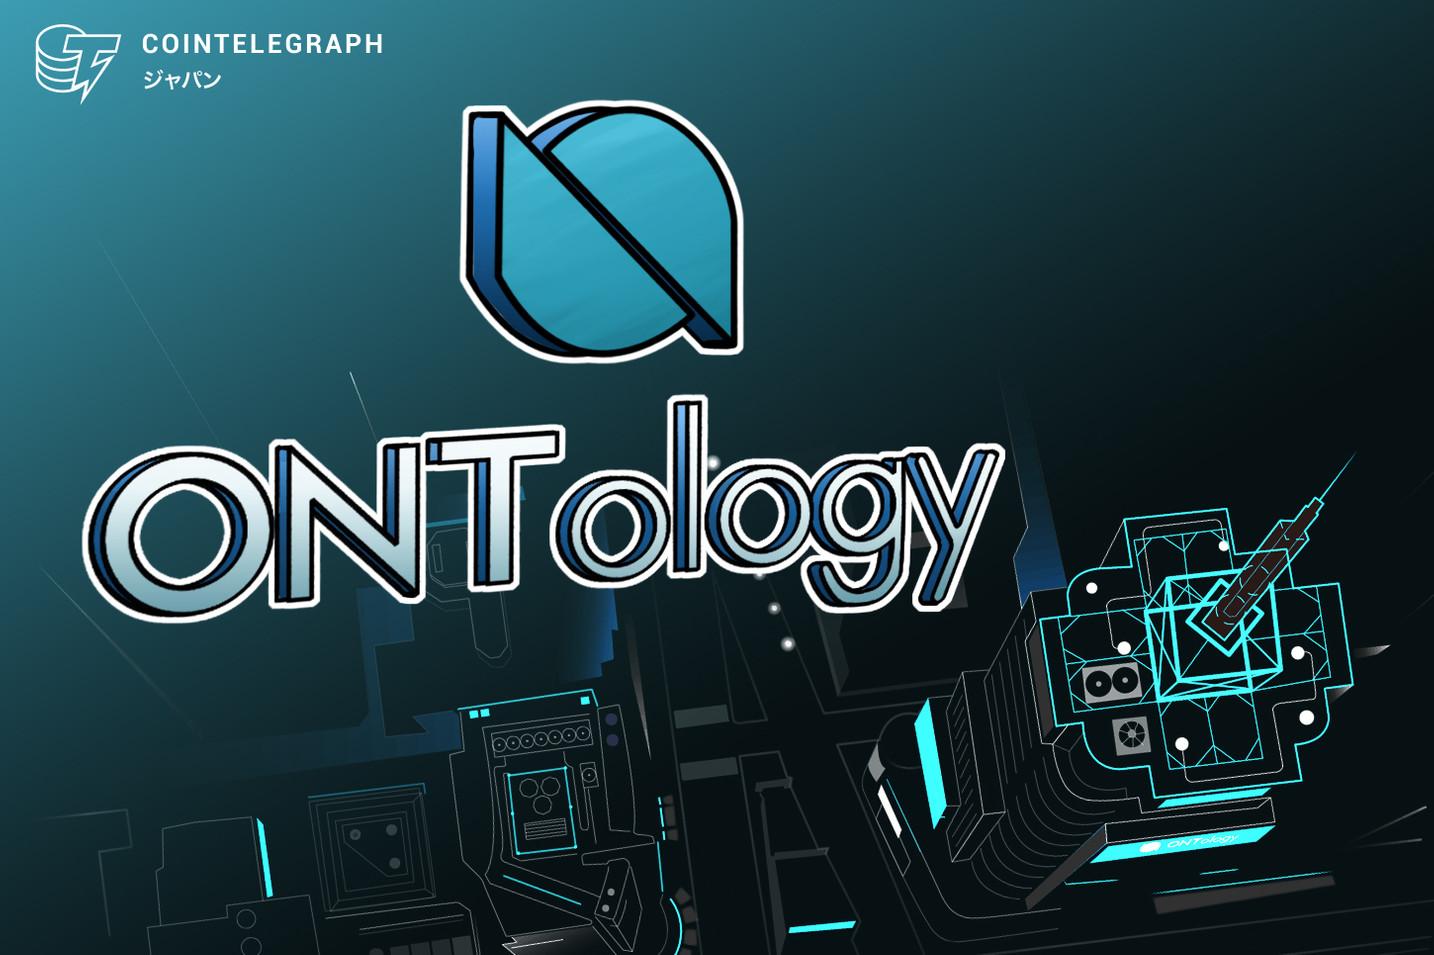 オントロジー1.0 メインネットが正式ローンチ